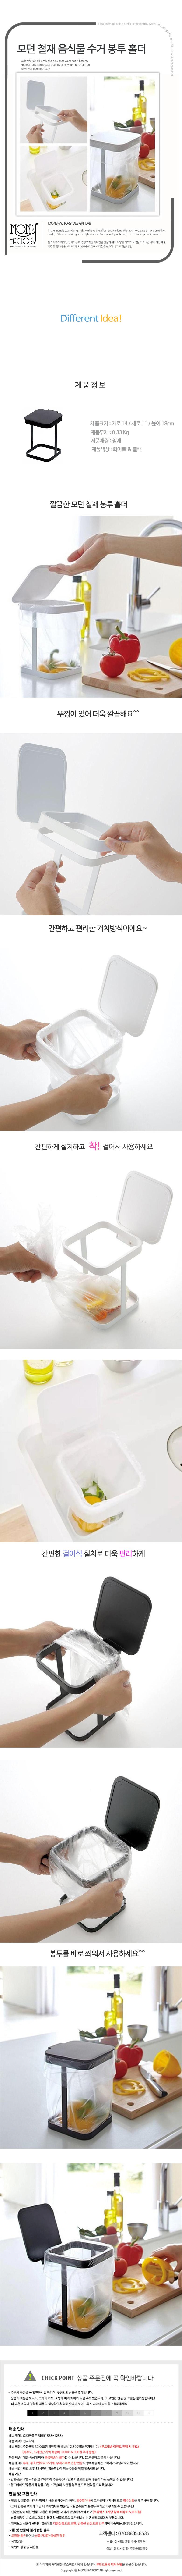 모던 철재 음식물쓰레기 수거함 비닐봉투 홀거 - 몬스팩토리, 11,000원, 설거지 용품, 음식물 쓰레기통